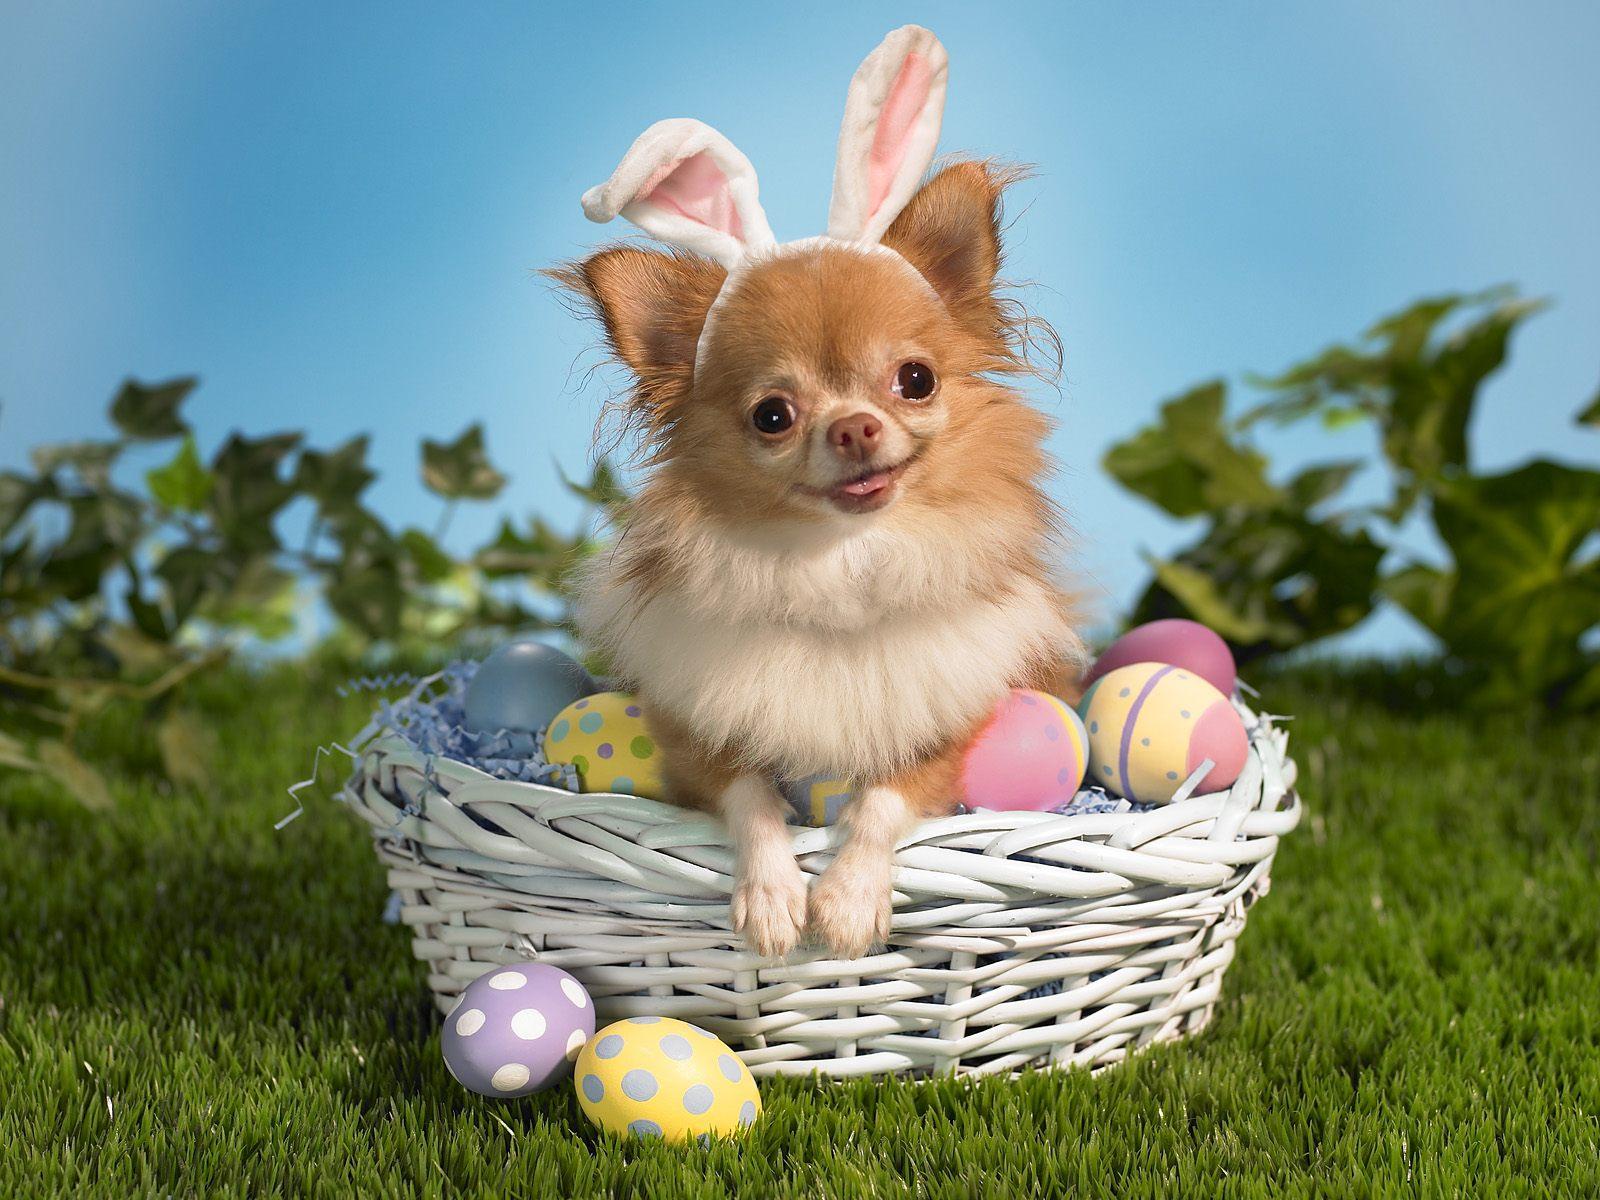 Easter desktop backgrounds wallpaperseaster desktop - Easter bunny wallpaper ...